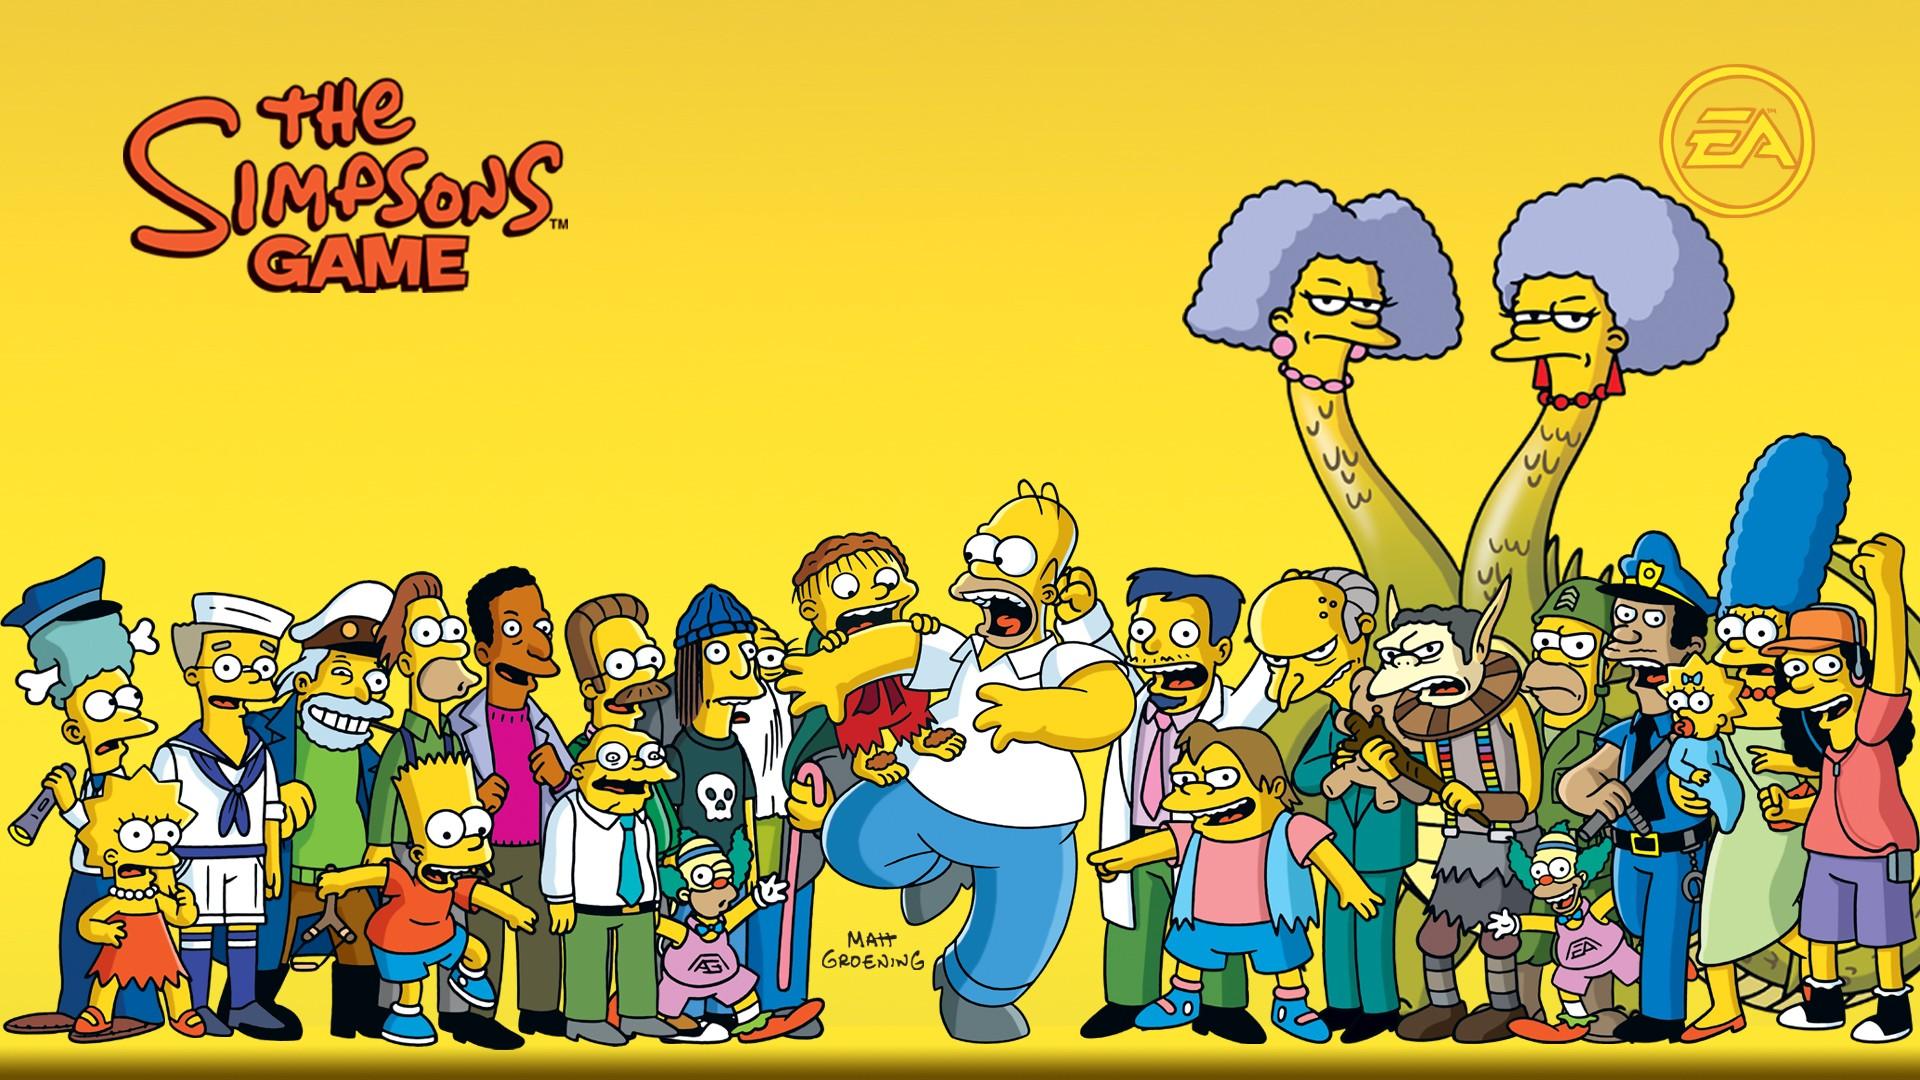 Ilustrasi gambar kartun simpsons homer simpson bart simpson marge simpson lisa simpson maggie simpson bermain montgomery